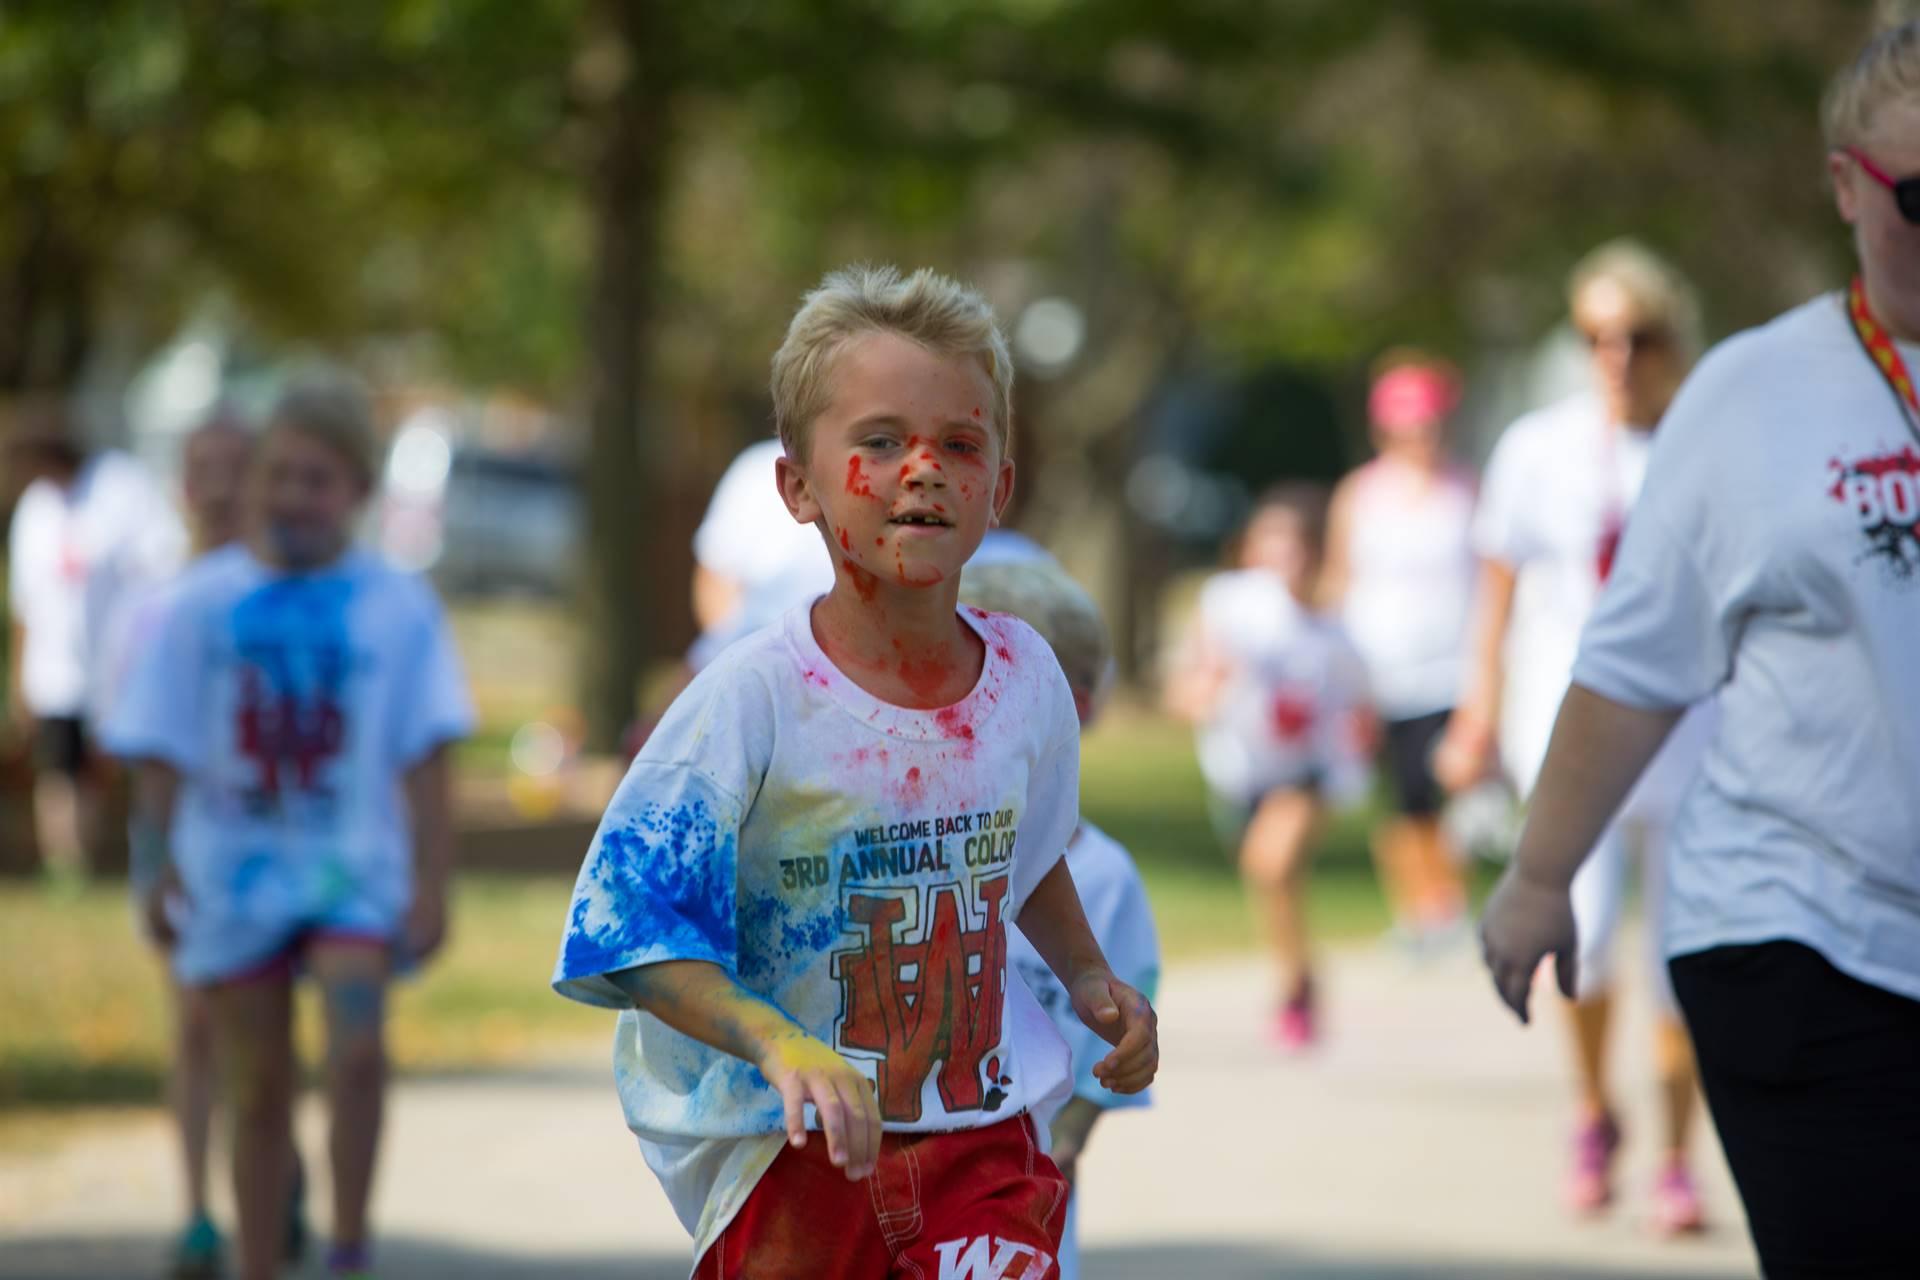 boy 14 at color run